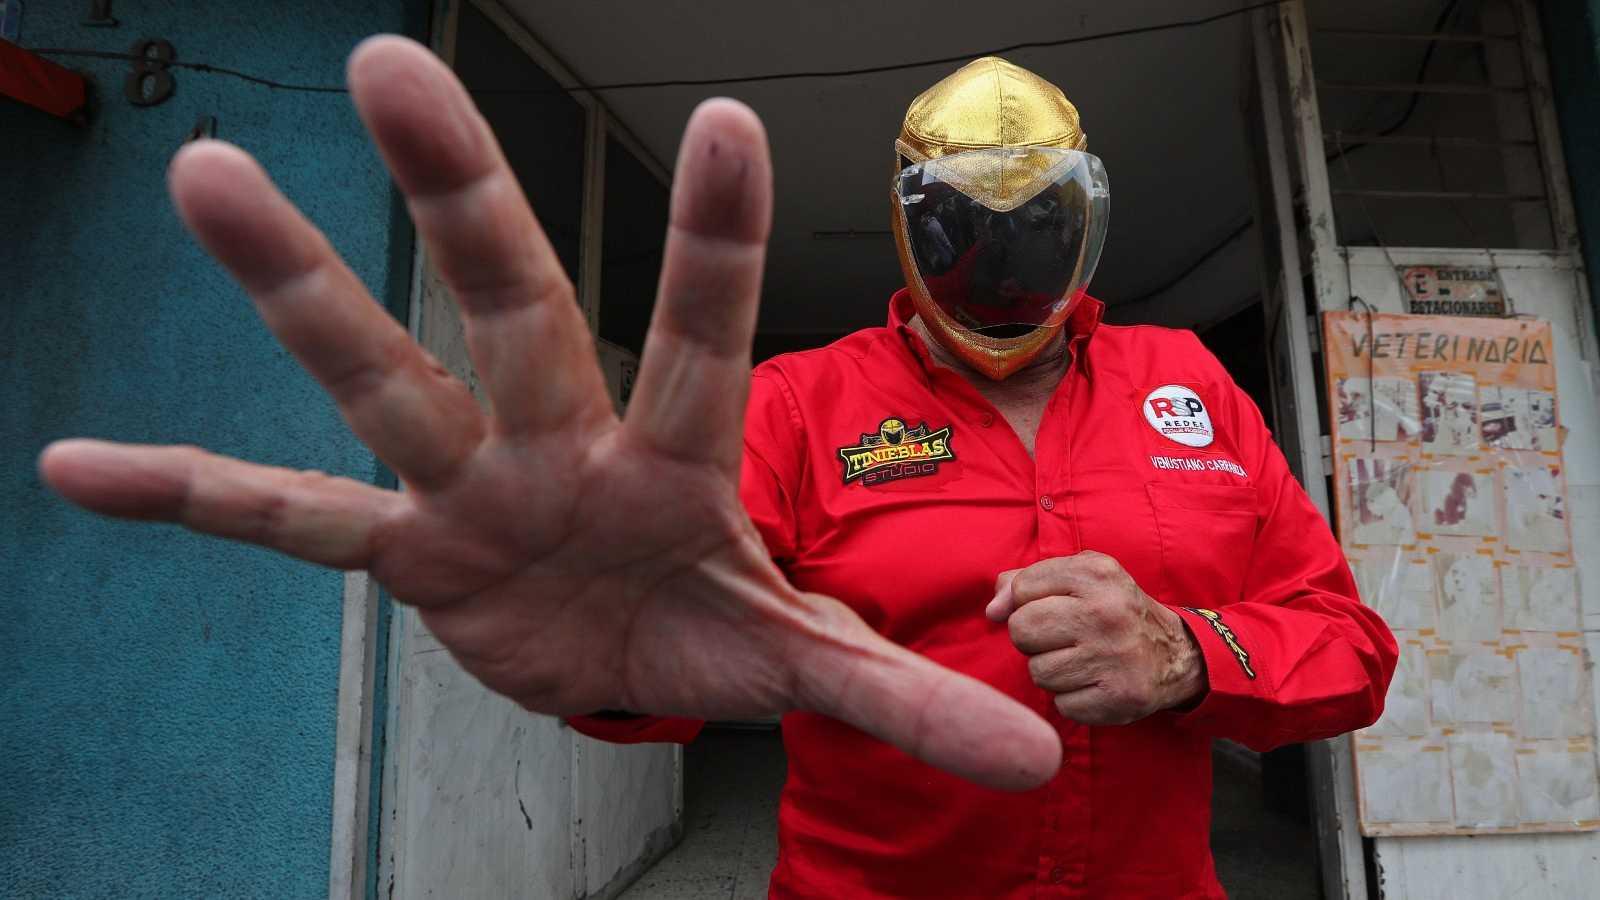 México elige a más de 20.000 cargos públicos con extravagantes candidaturas como la del 'Tinieblas'